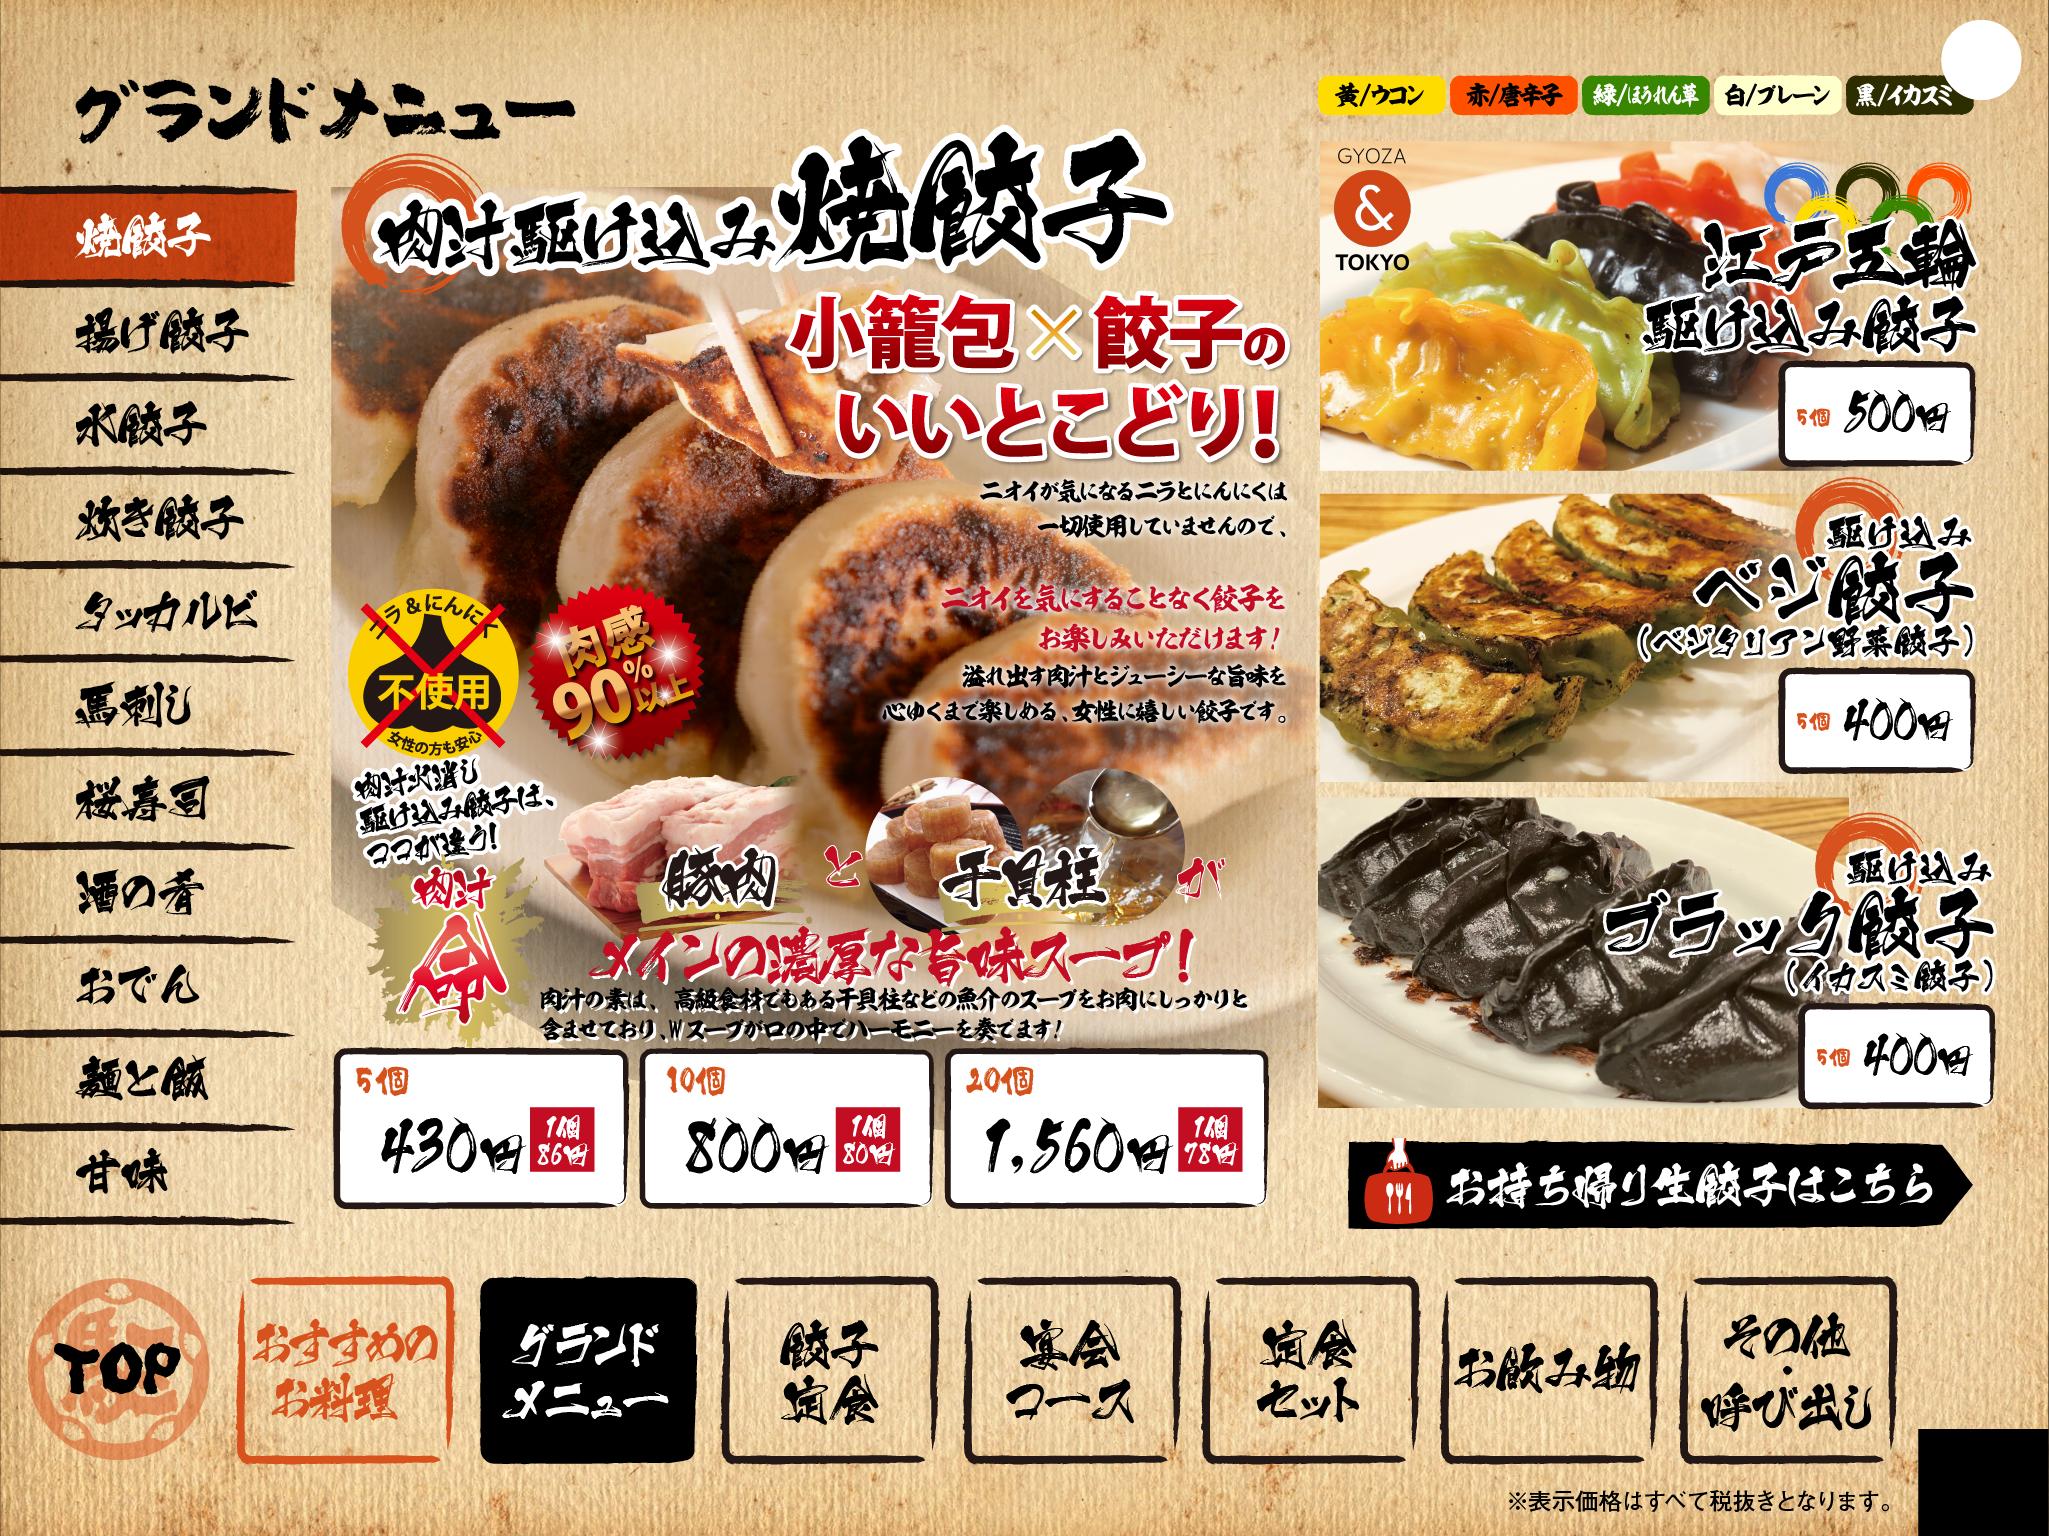 210121餃子menu_03-04_p3